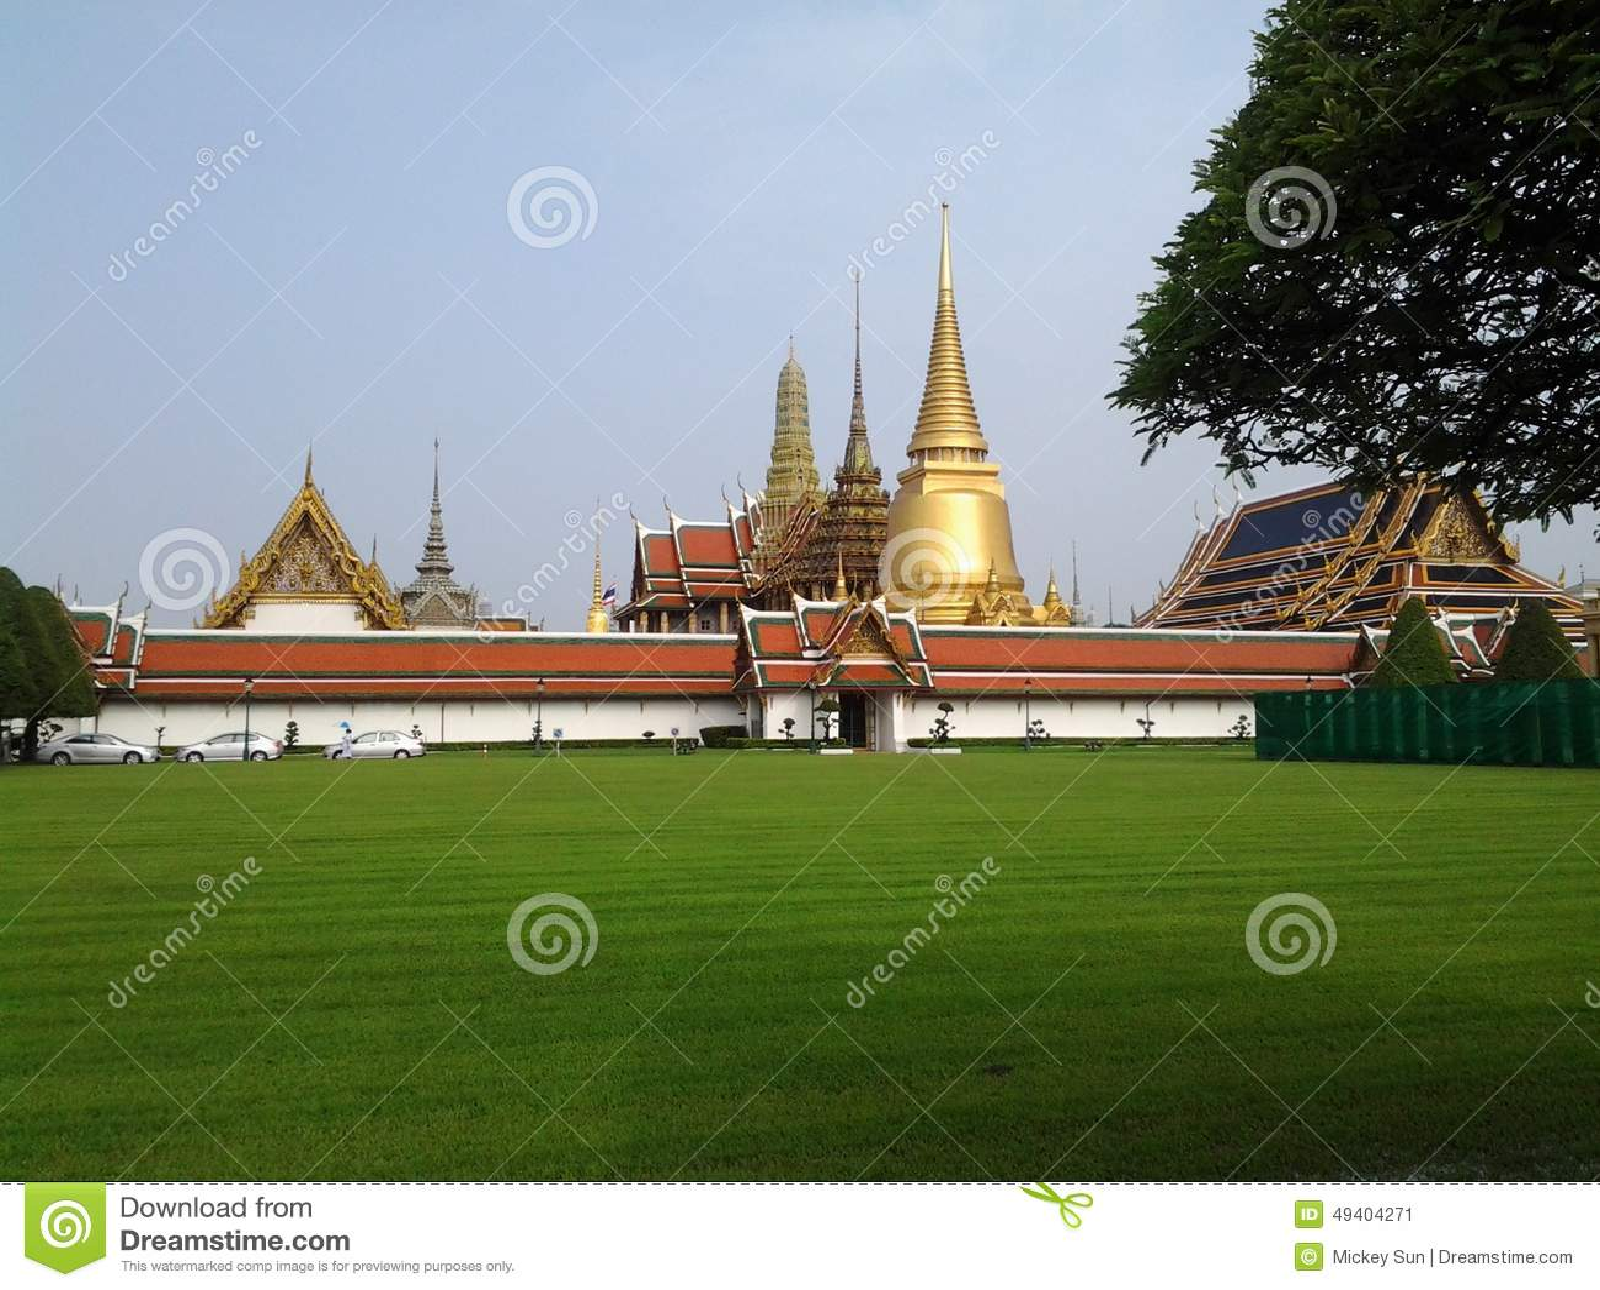 Download Der Tempel stockbild. Bild von grün, thailand, buddha - 49404271